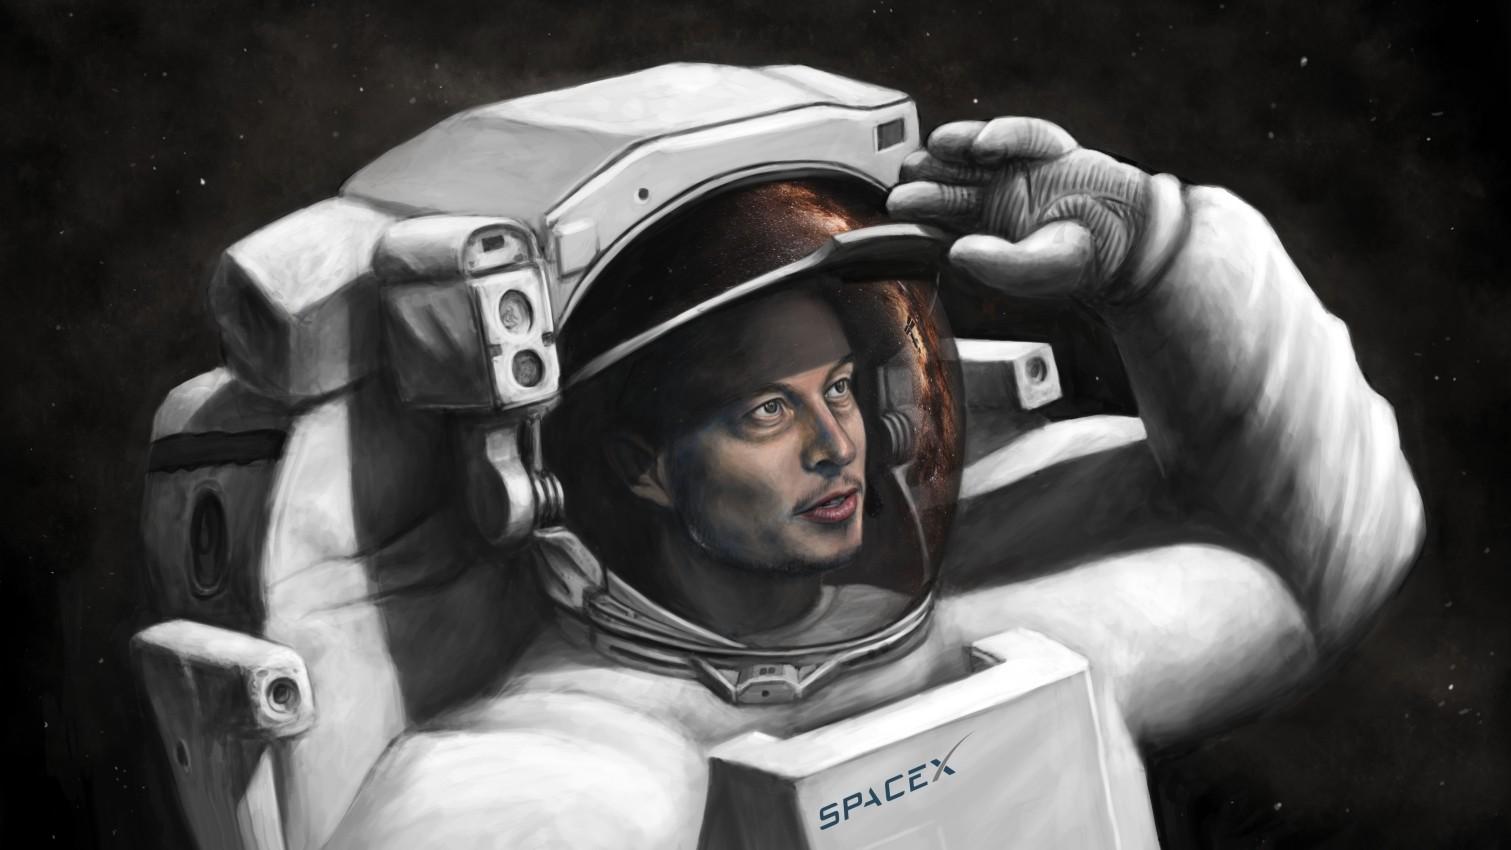 SpaceX Илона Маска запланировала в 2018 году полет на Марс